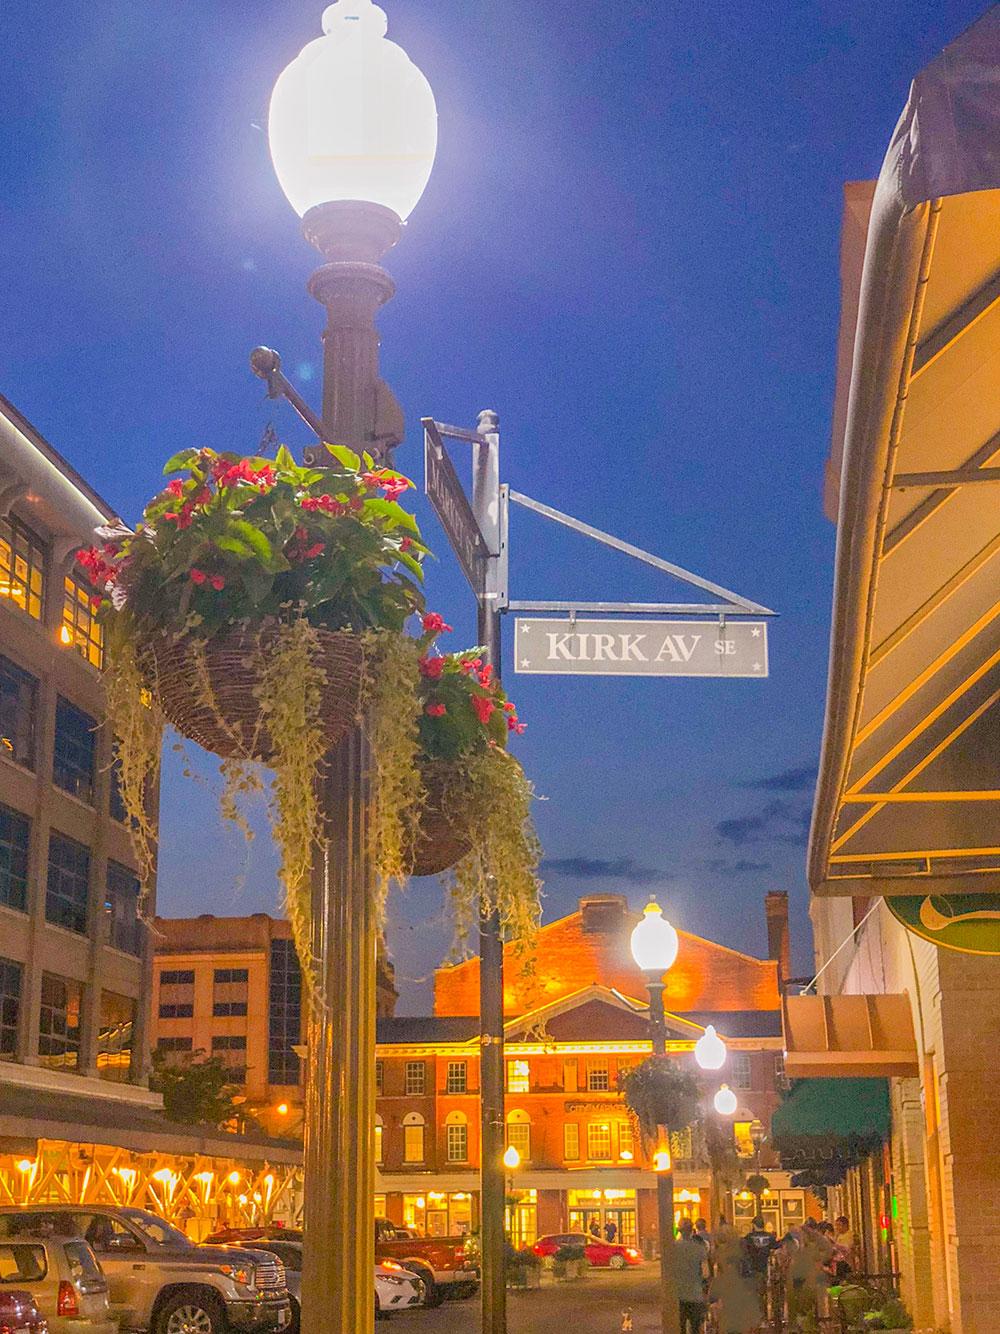 kirk ave downtown roanoke